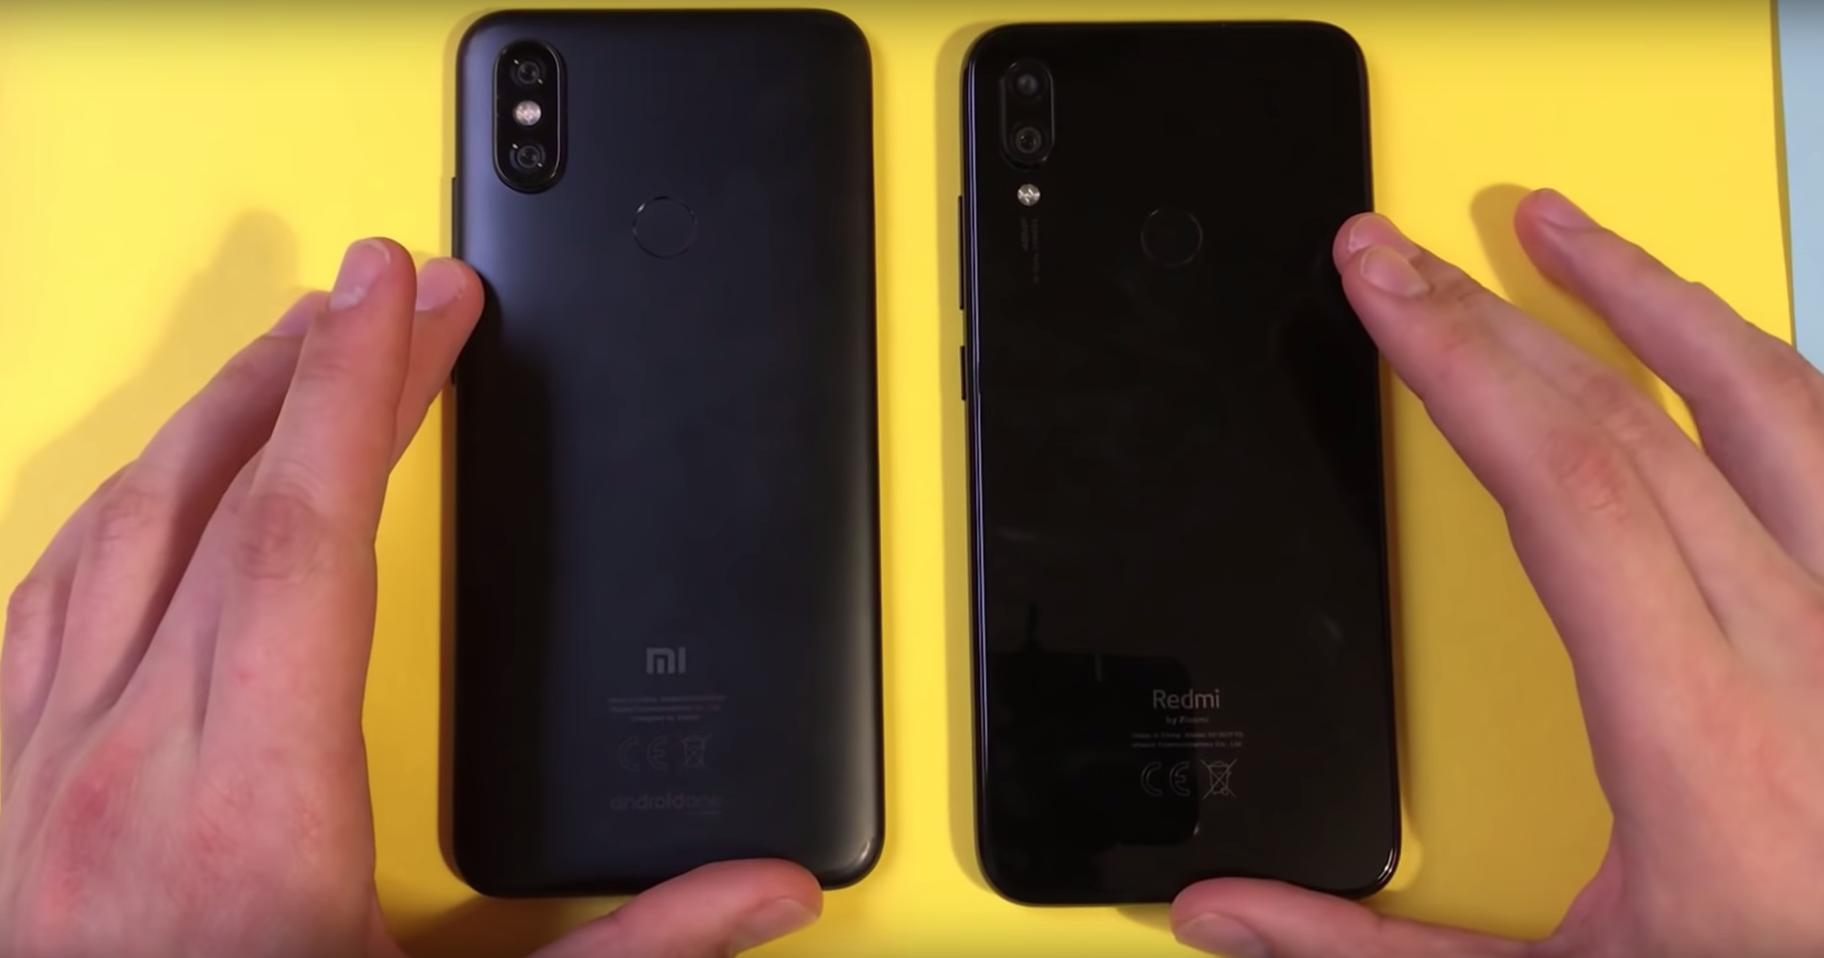 Xiaomi Mi A2 против Redmi Note 7: кто быстрее?